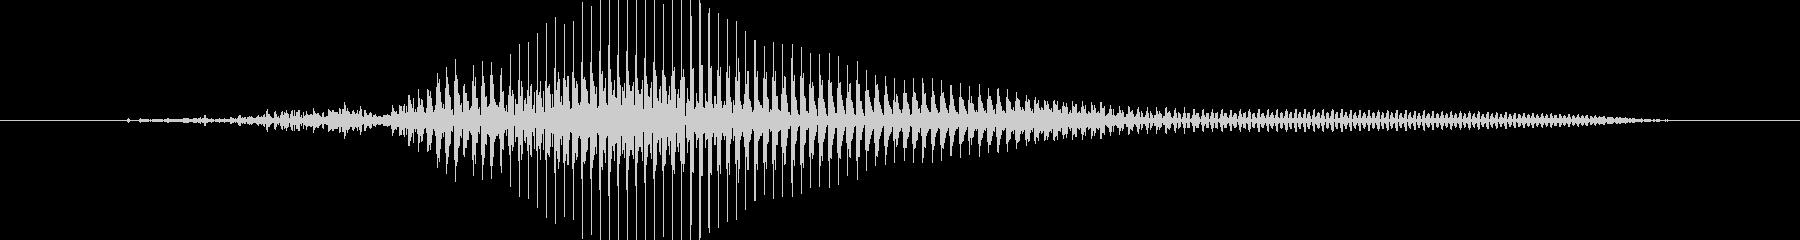 ちゃん!(子供)【終わりの合図など】の未再生の波形